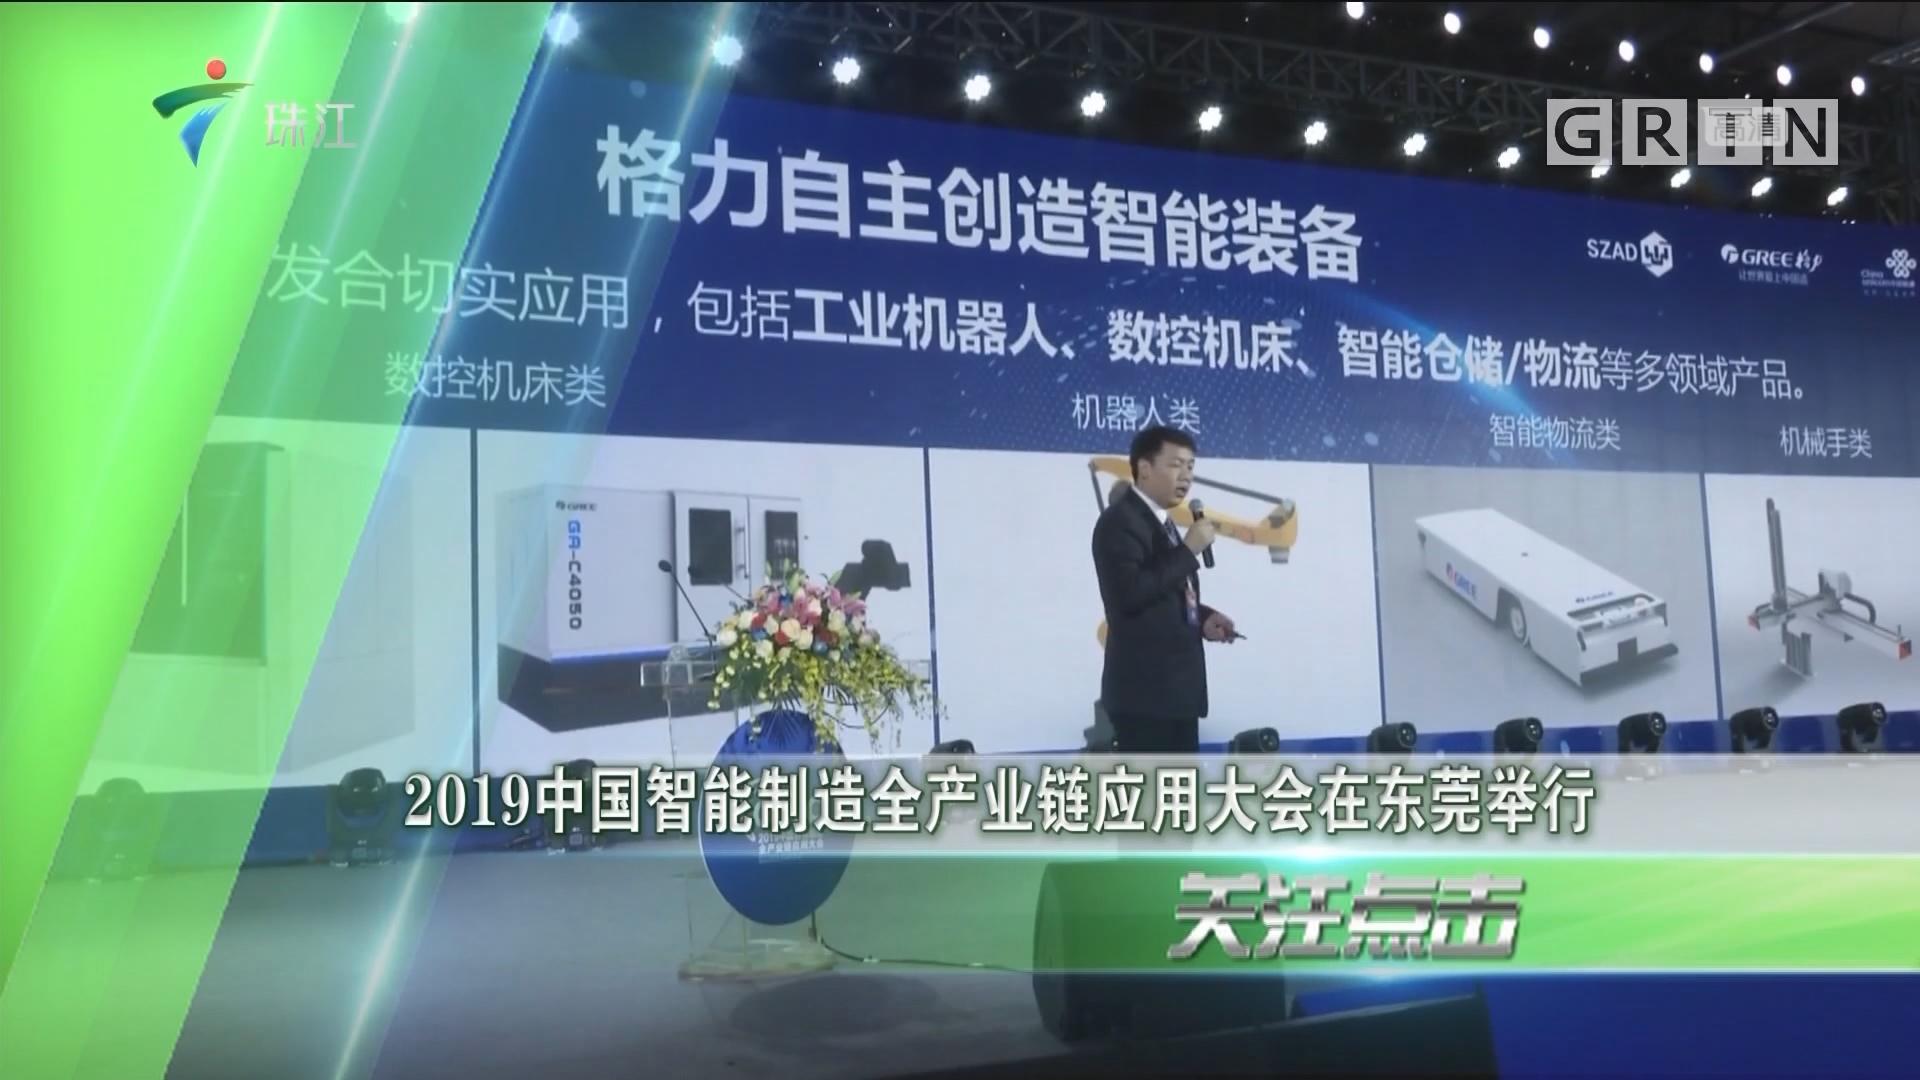 2019中国智能制造全产业链应用大会在东莞举行